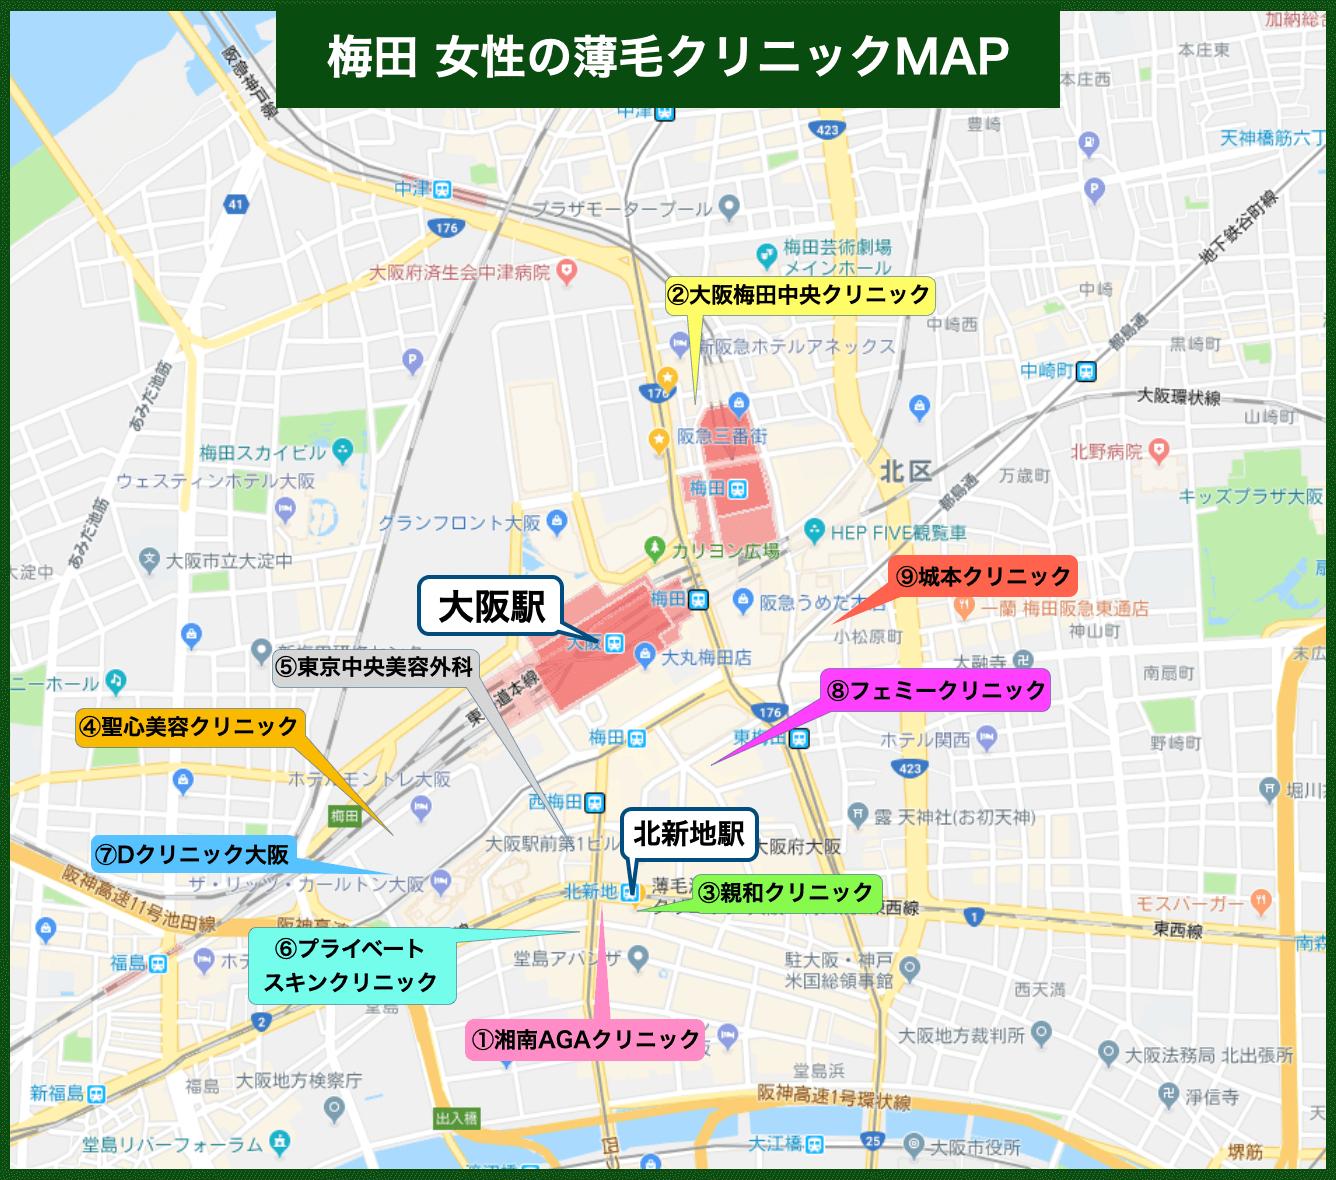 梅田 女性の薄毛クリニックMAP(2021年10月版)